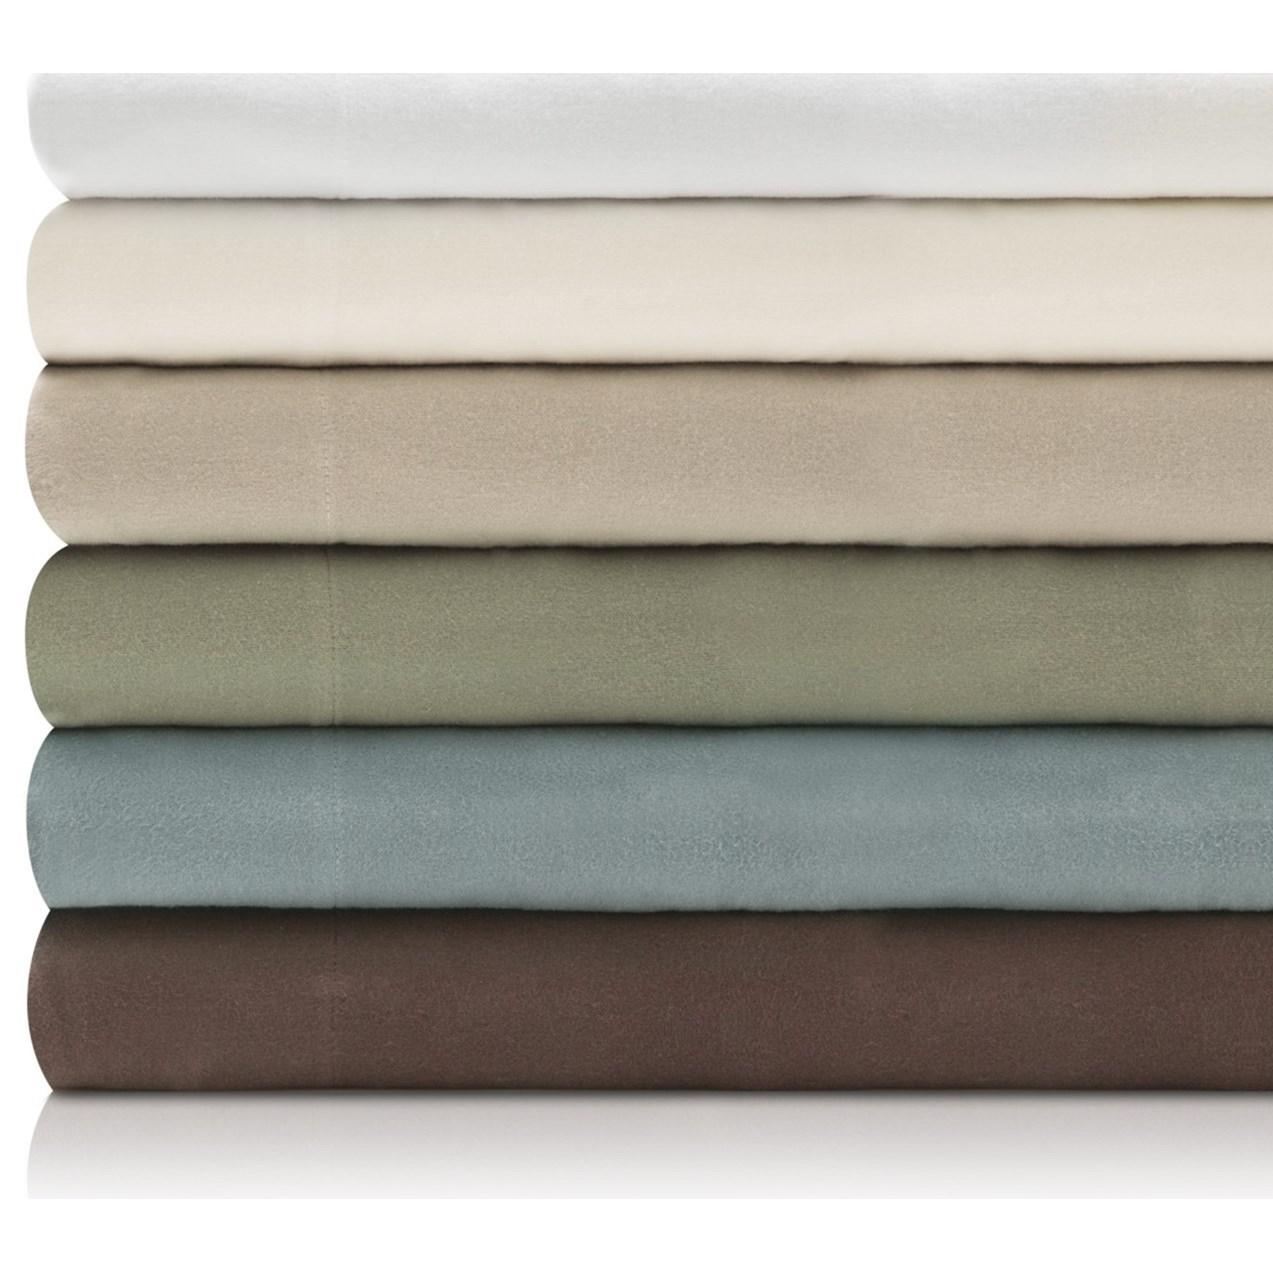 Malouf Portuguese Flannel Standard Woven™ Portuguese Flannel Standard  - Item Number: WO19STCOFC